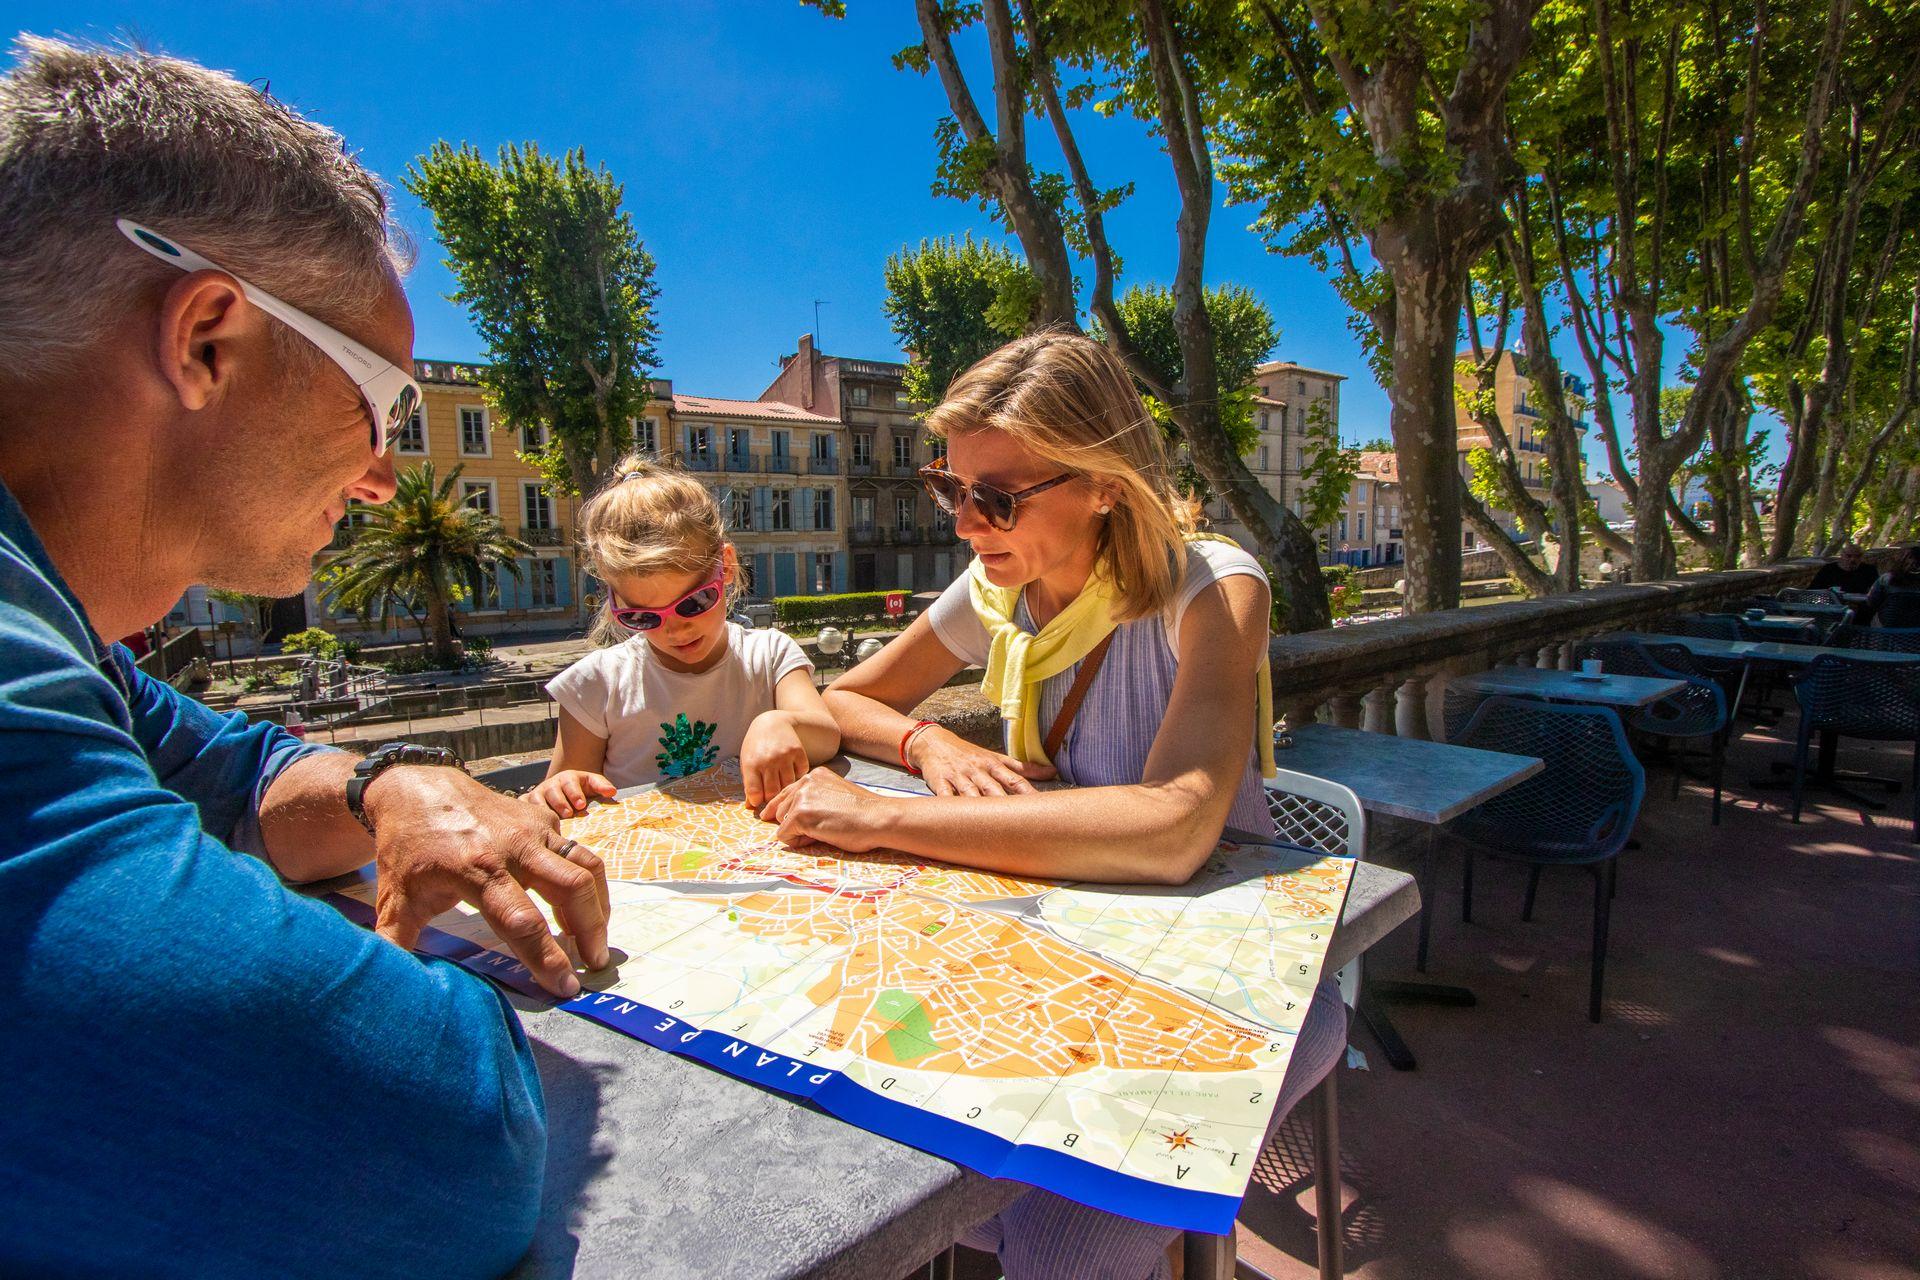 Narbonne, pause en famille © Céline Deschamps